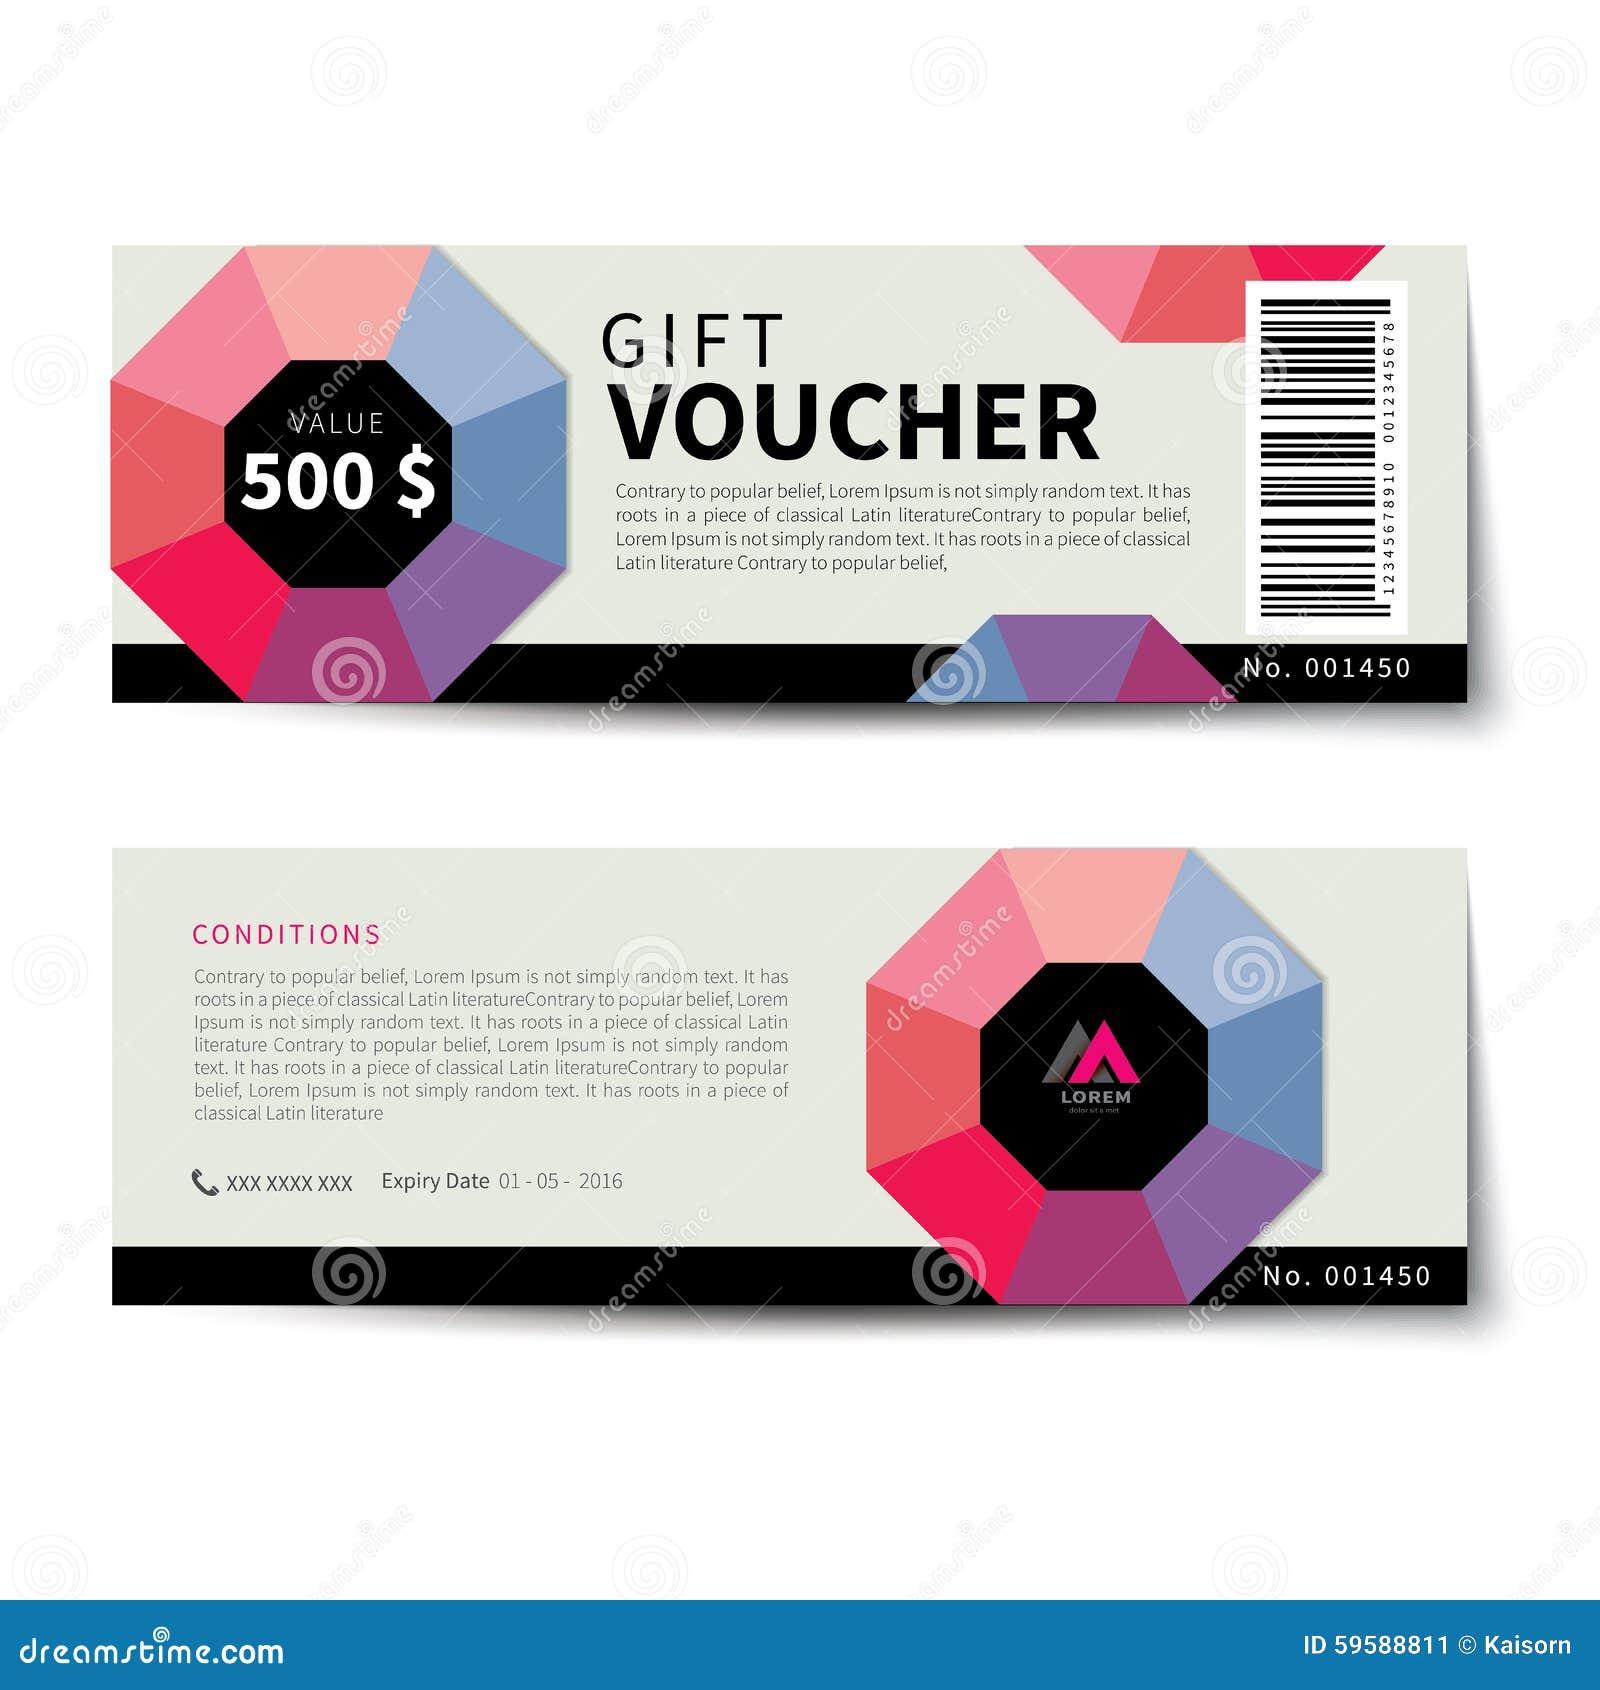 Gift Voucher Discount Template Flat Design. Border, Ornament.  Discount Voucher Design